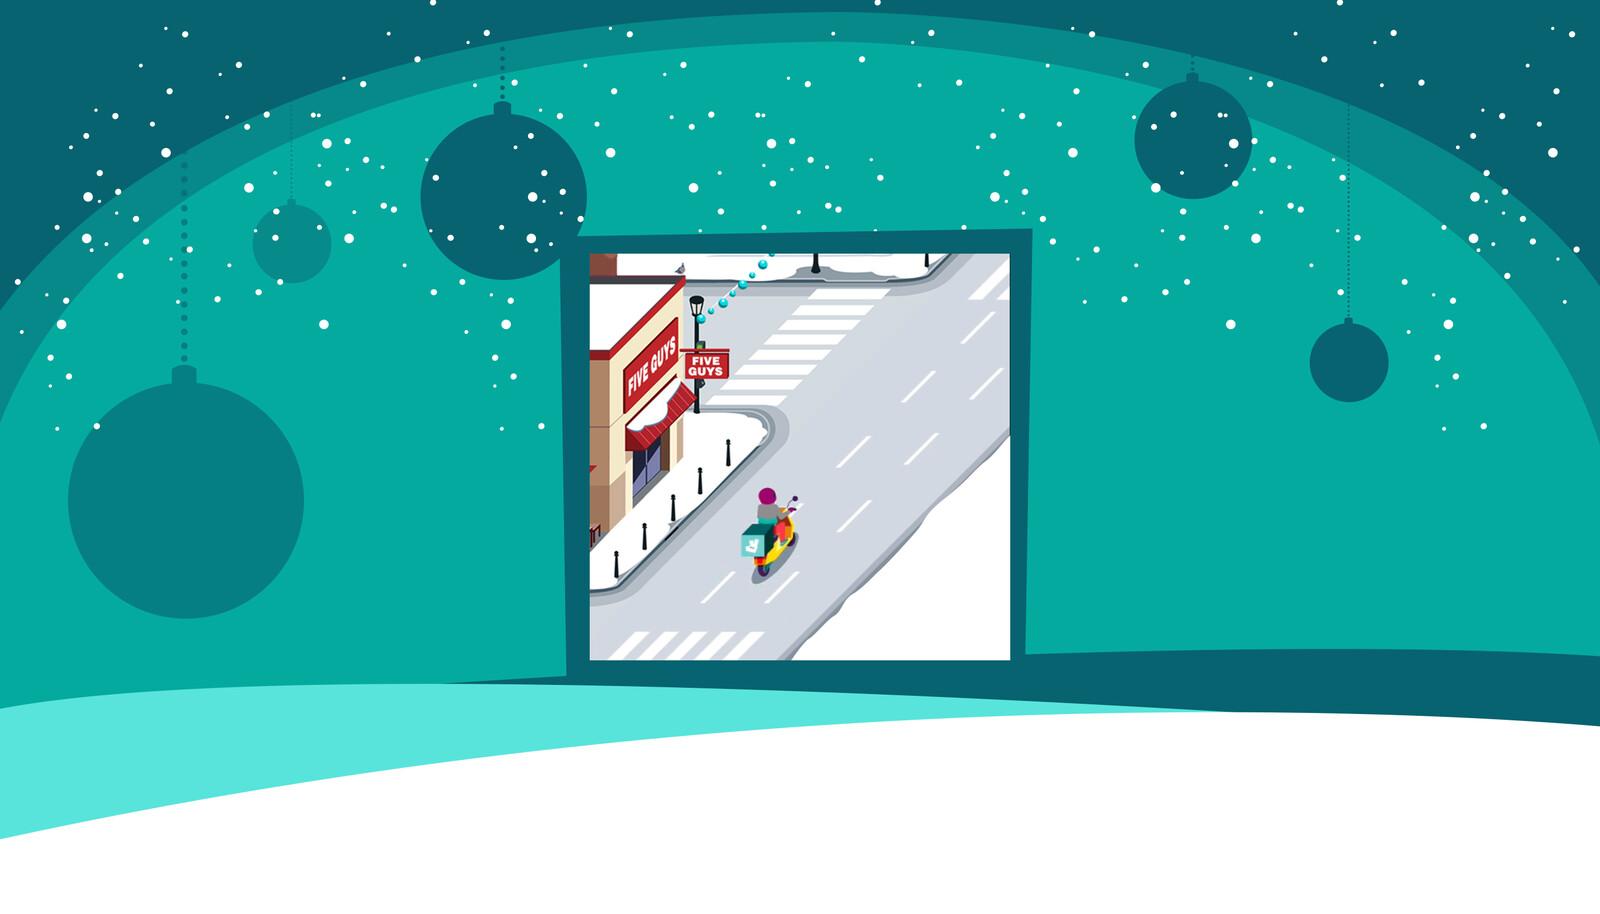 """Réalisation de background pour la version desktop du jeu, en version """"hiver"""""""